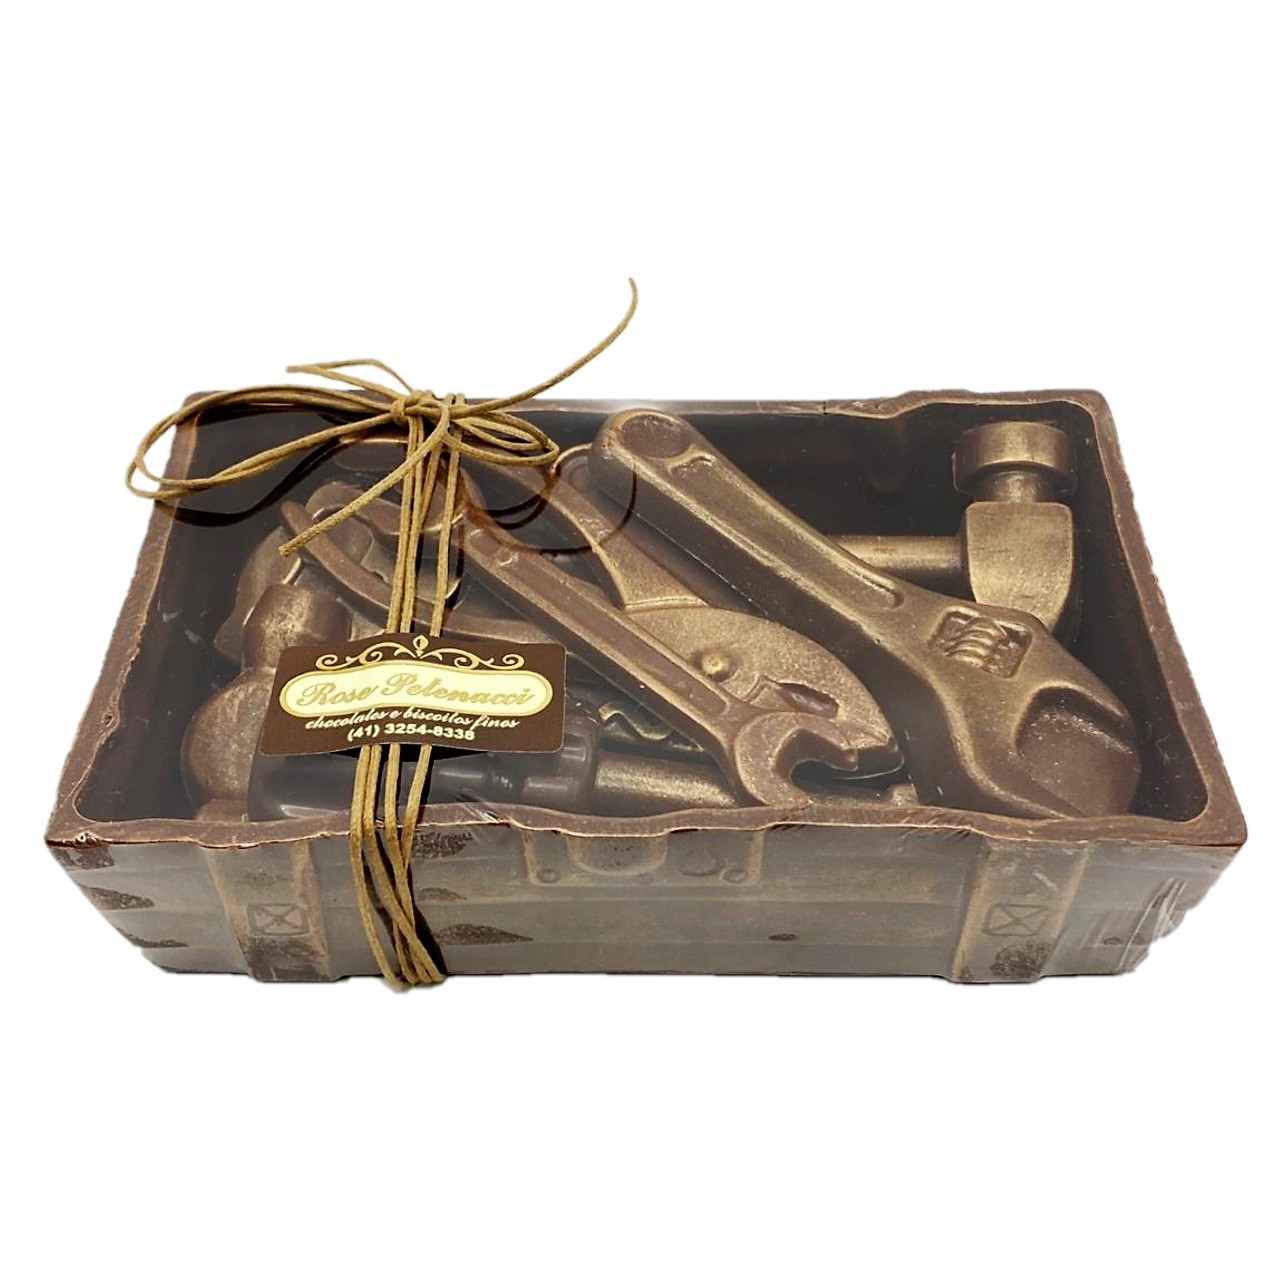 Caixa de Ferramentas de Chocolate - Dia dos Pais